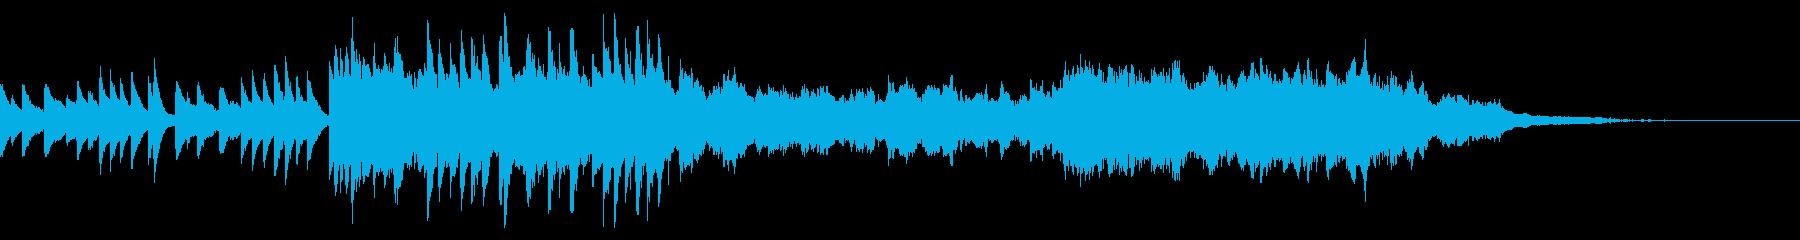 感動のお祝いシーンでかかる曲の再生済みの波形